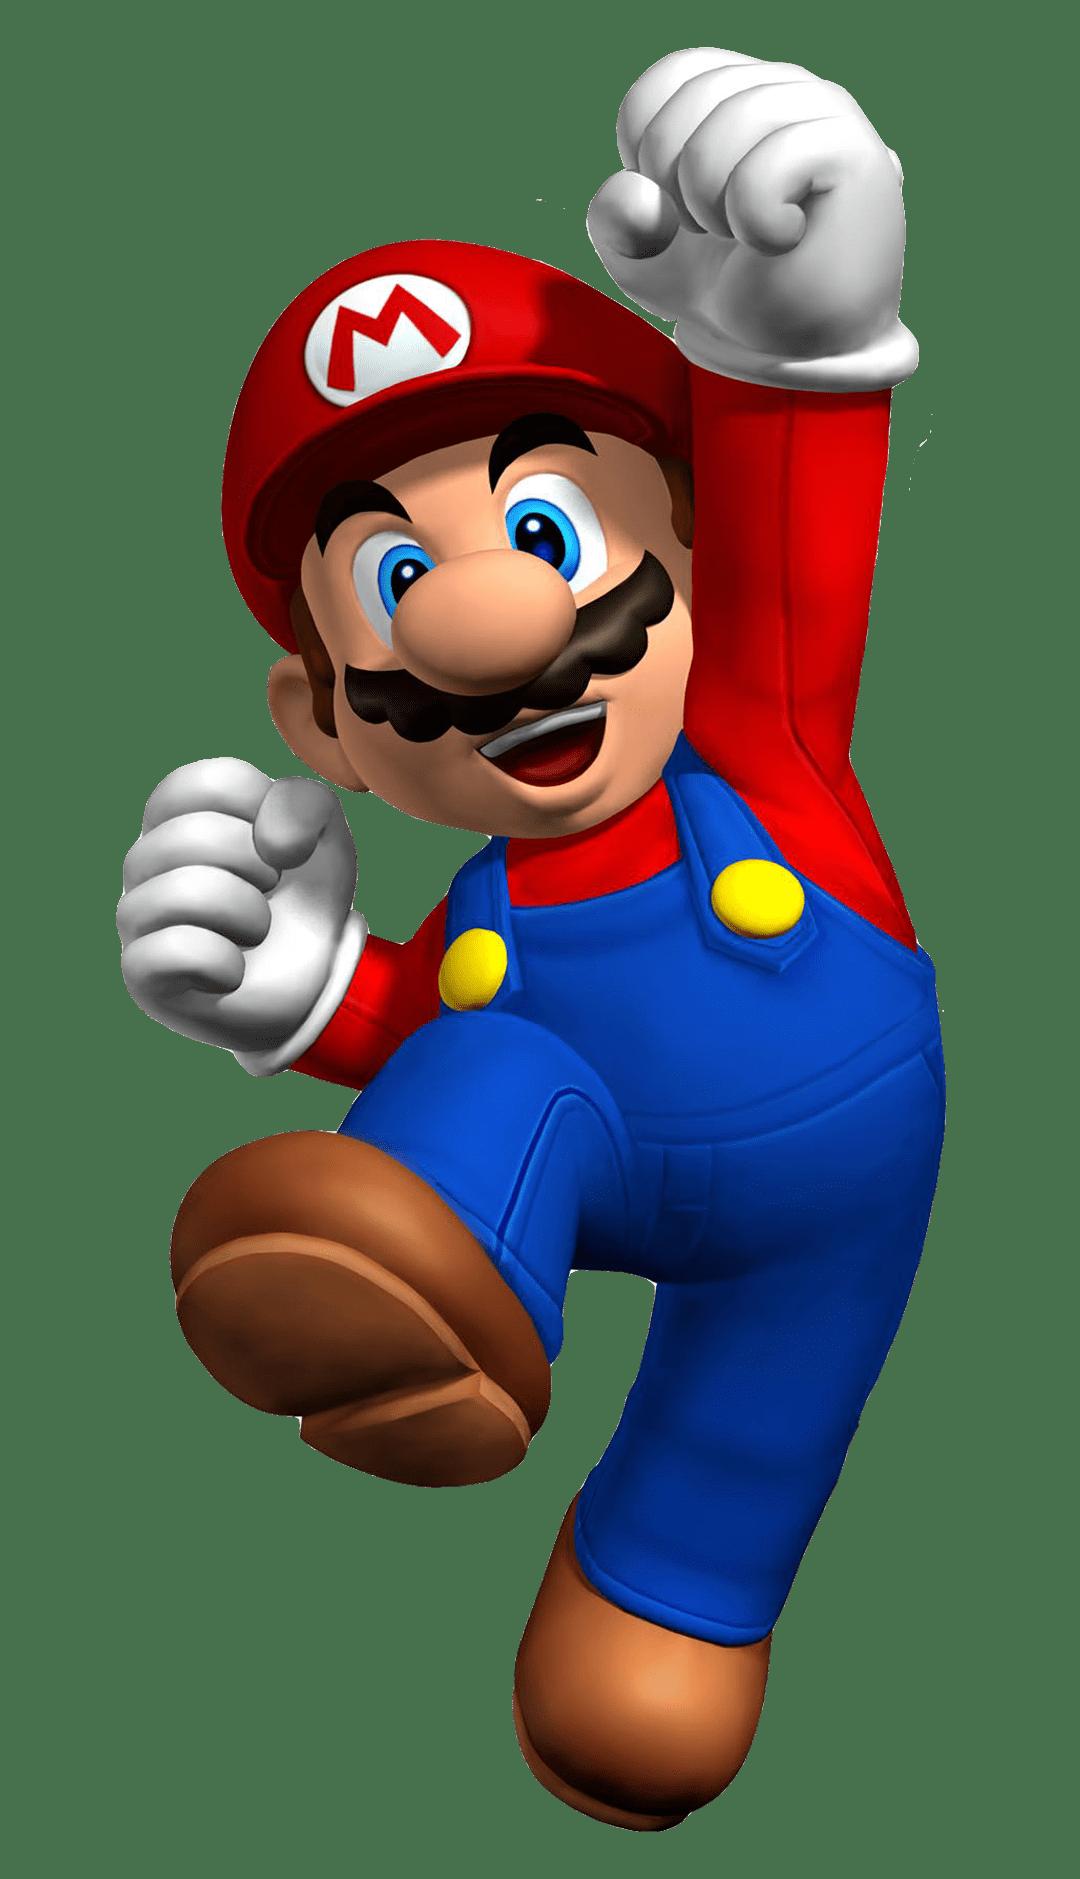 Mario Jumping Letras De Mario Bros Dibujos De Mario Juegos De Mario